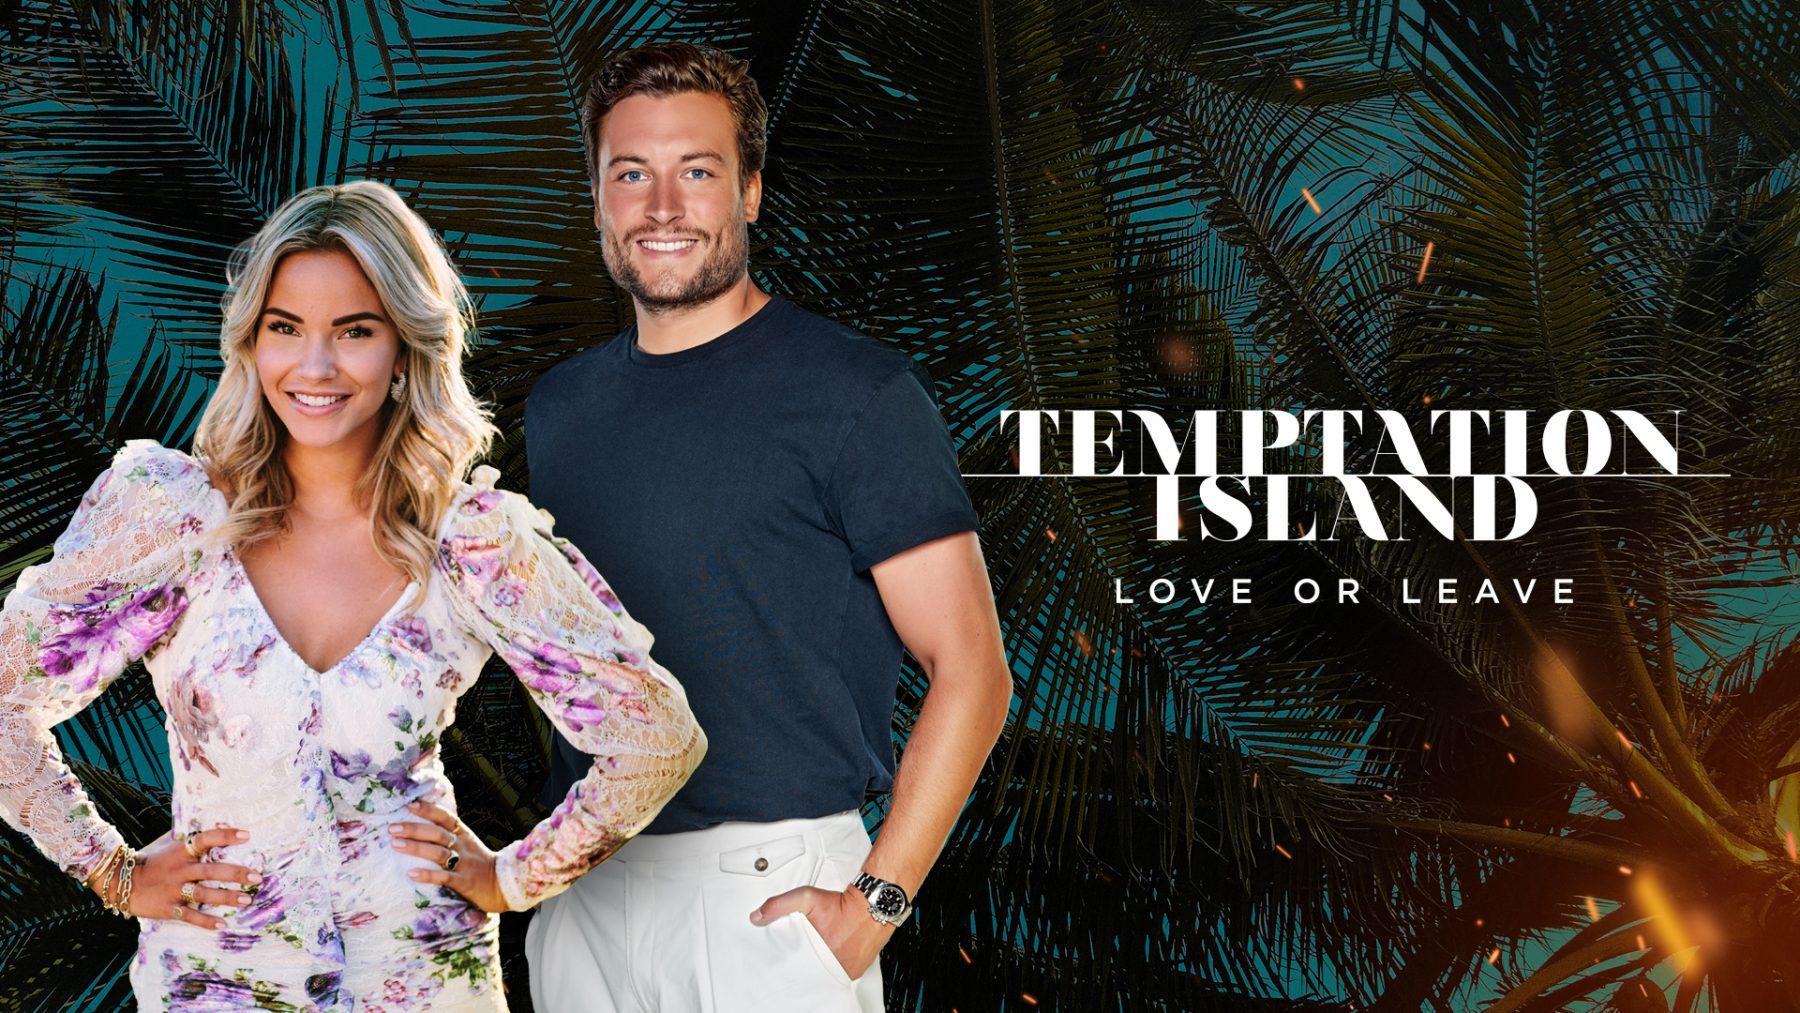 Deze koppels testen liefde in Temptation Island